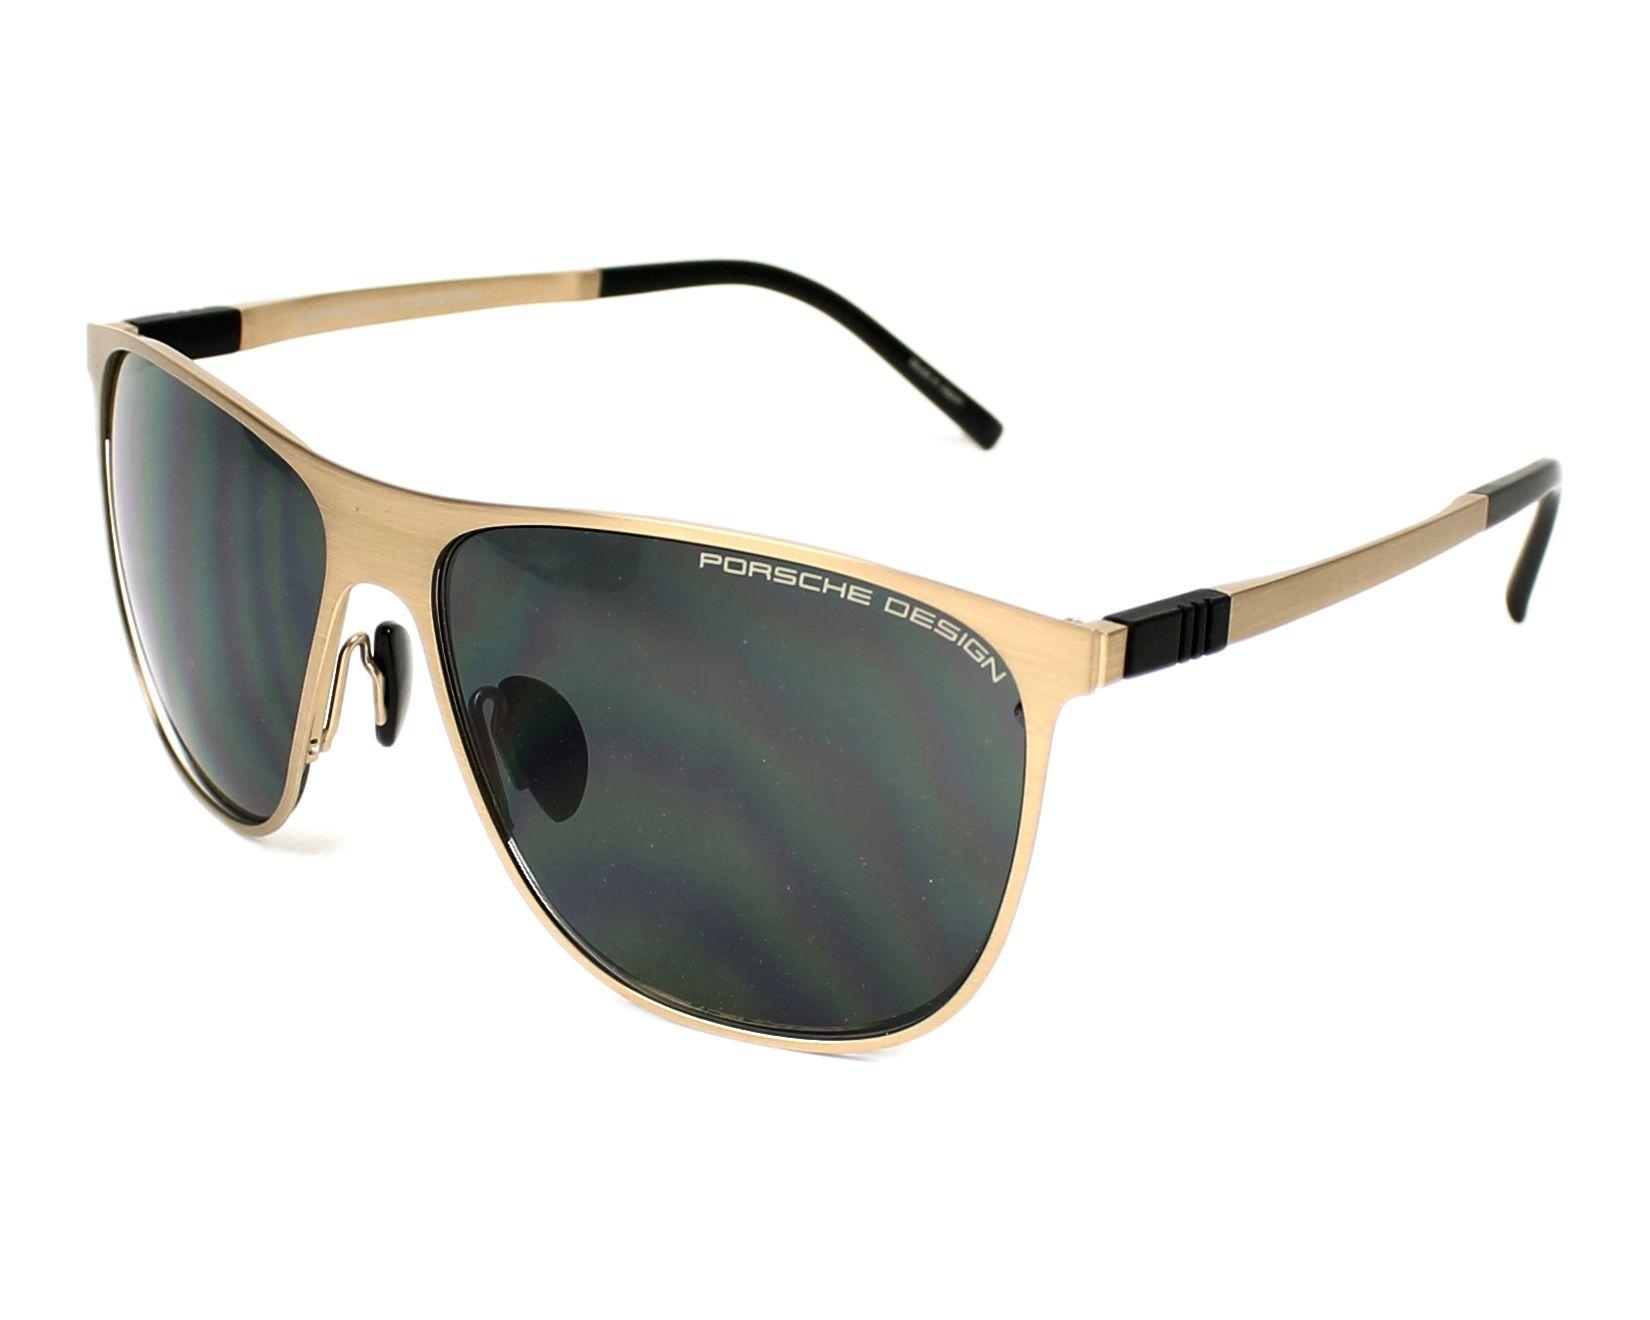 lunettes de soleil porsche design p 8609 d or avec des verres gris pour hommes. Black Bedroom Furniture Sets. Home Design Ideas